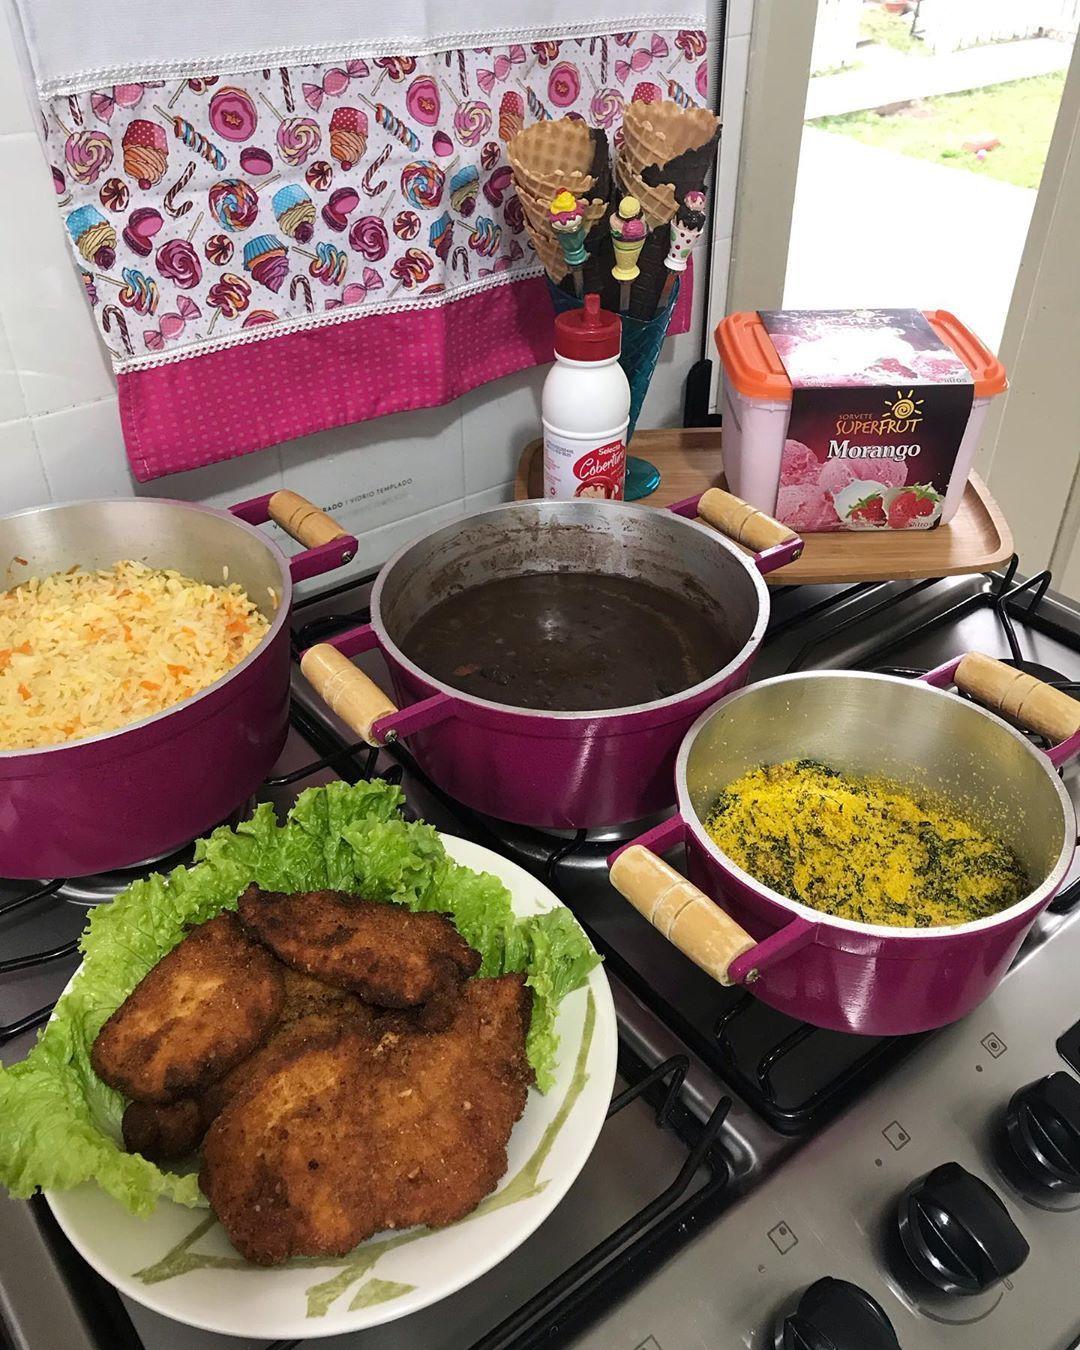 Almoço De Domingo Bem Caseirinho Hoje Com Direito A Casquinha De Sorvete De Sobremesa Aqu Receita Para Almoço Simples Comidas Para Almoço Receitas